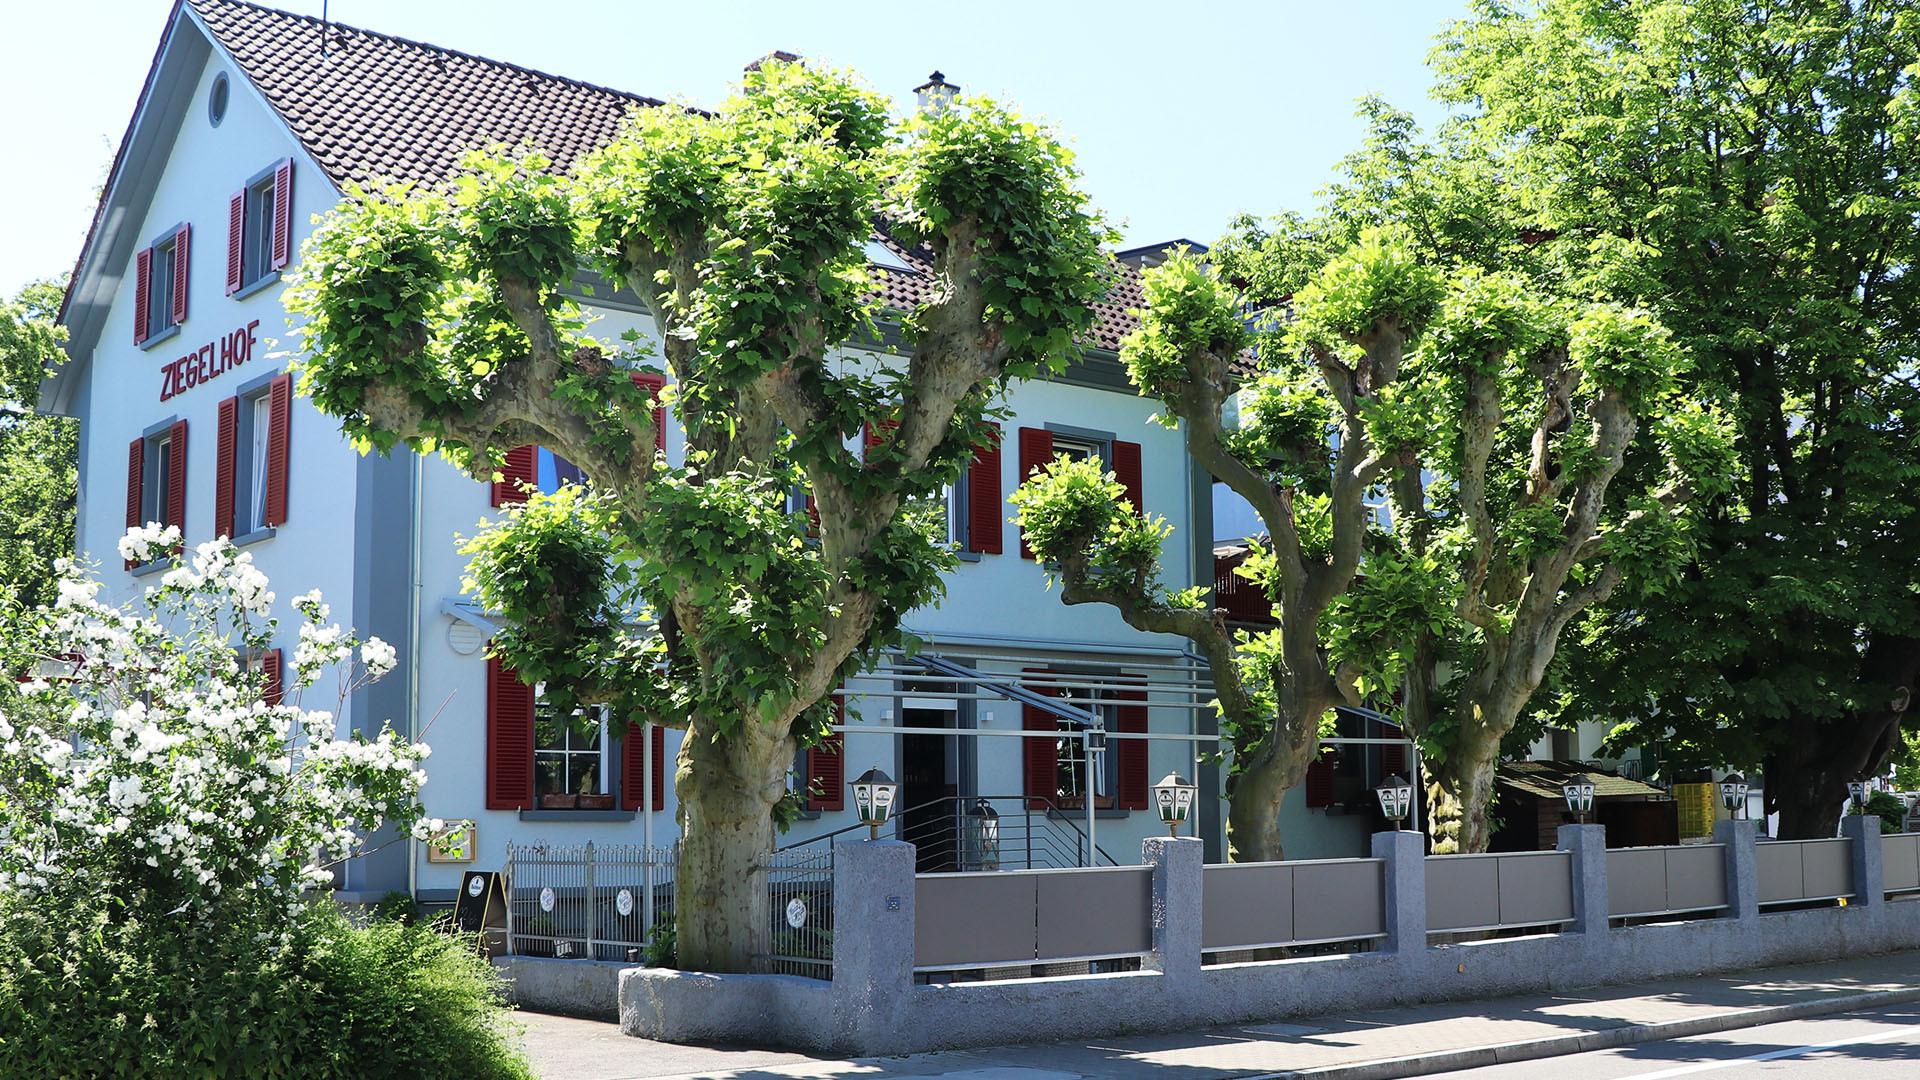 Gaststätte Ziegehof in Konstanz am Bodensee